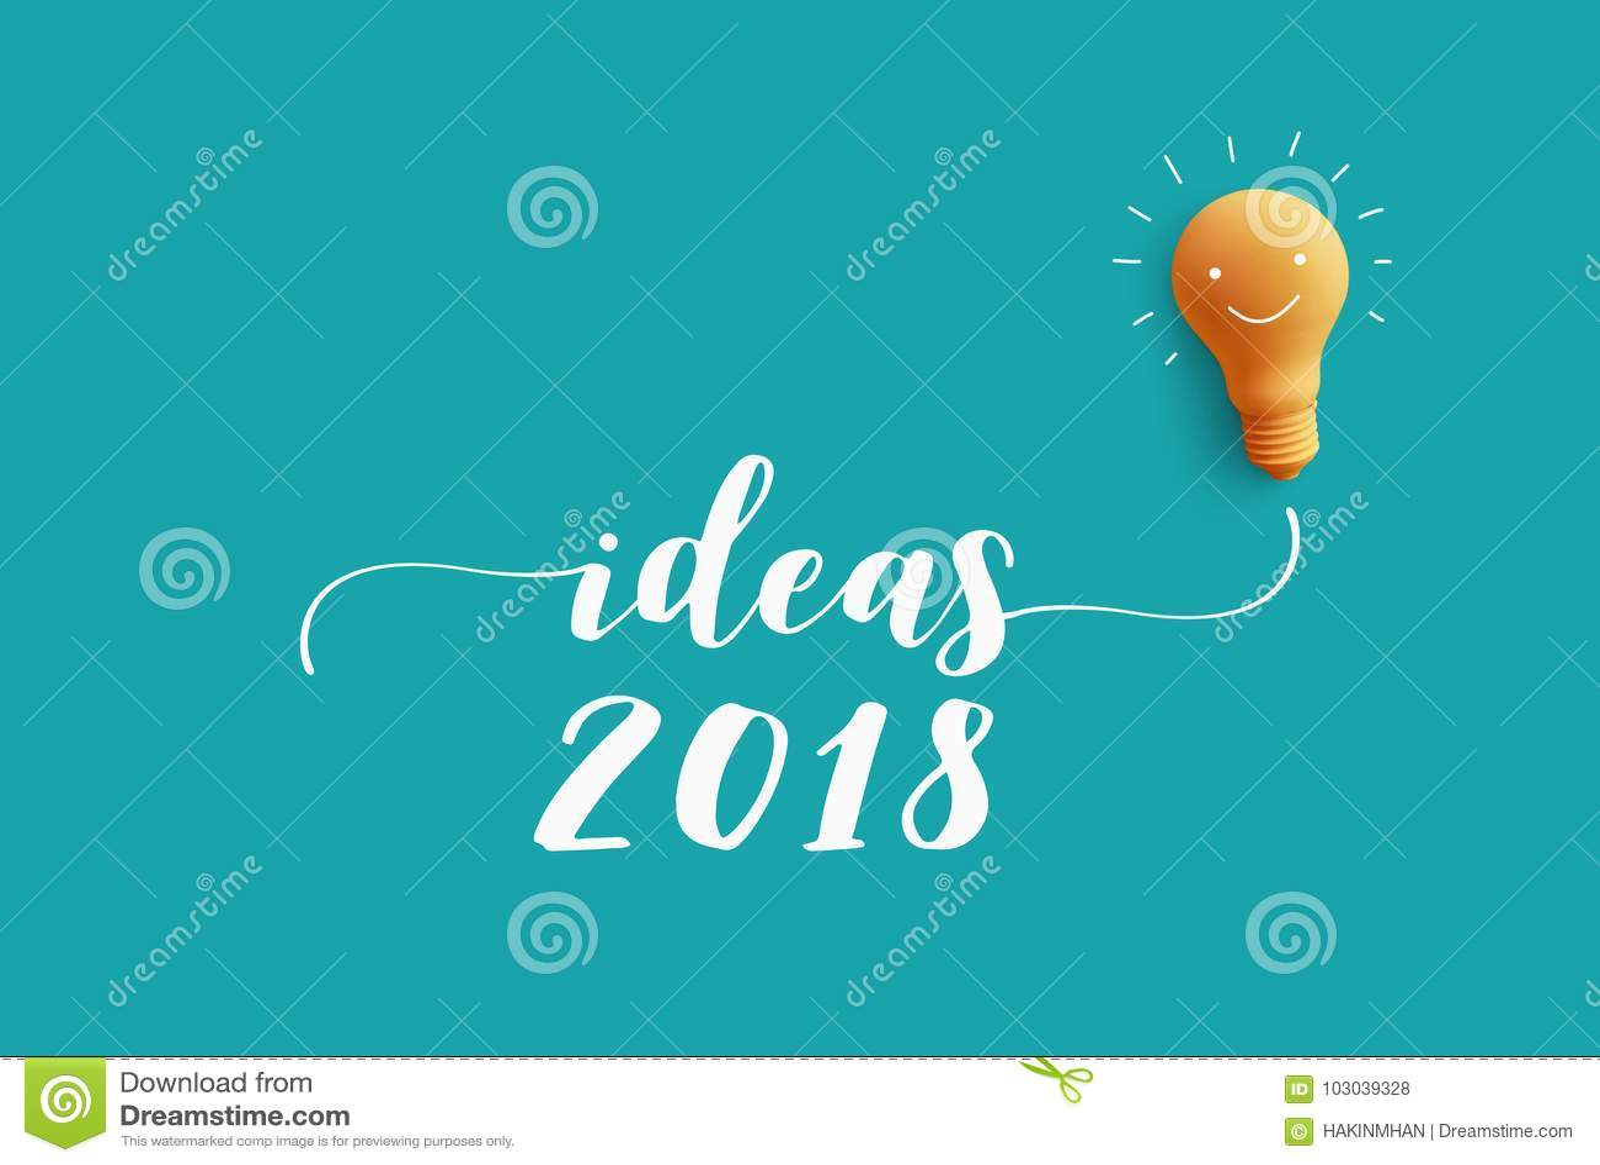 Mensaje 2018 De Las IDEAS Con La Bombilla Idea De La Creatividad